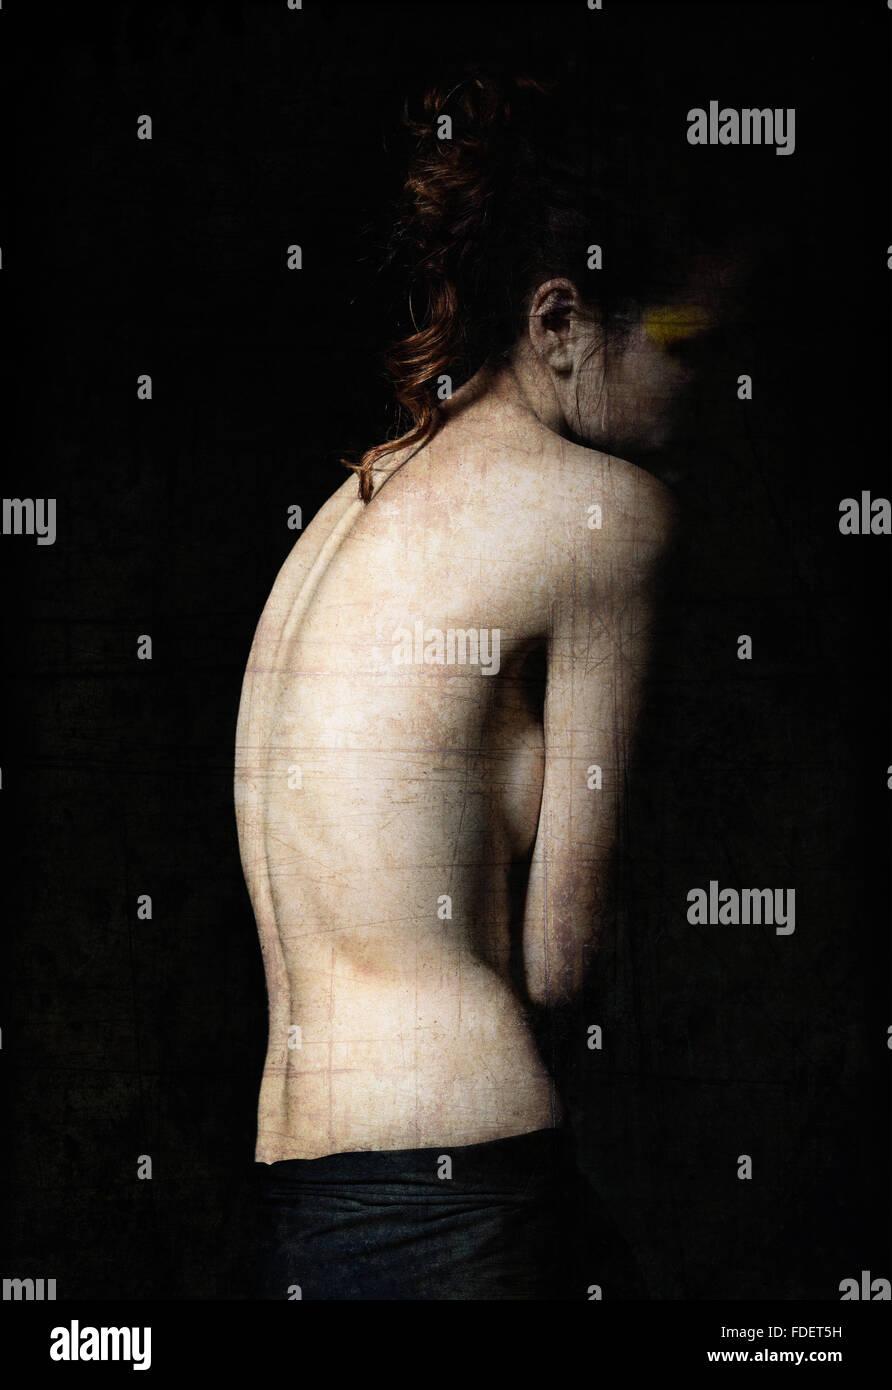 Düsteres Porträt einer jungen Frau unter der Dunkelheit. Grunge-Textur-Effekt Stockbild